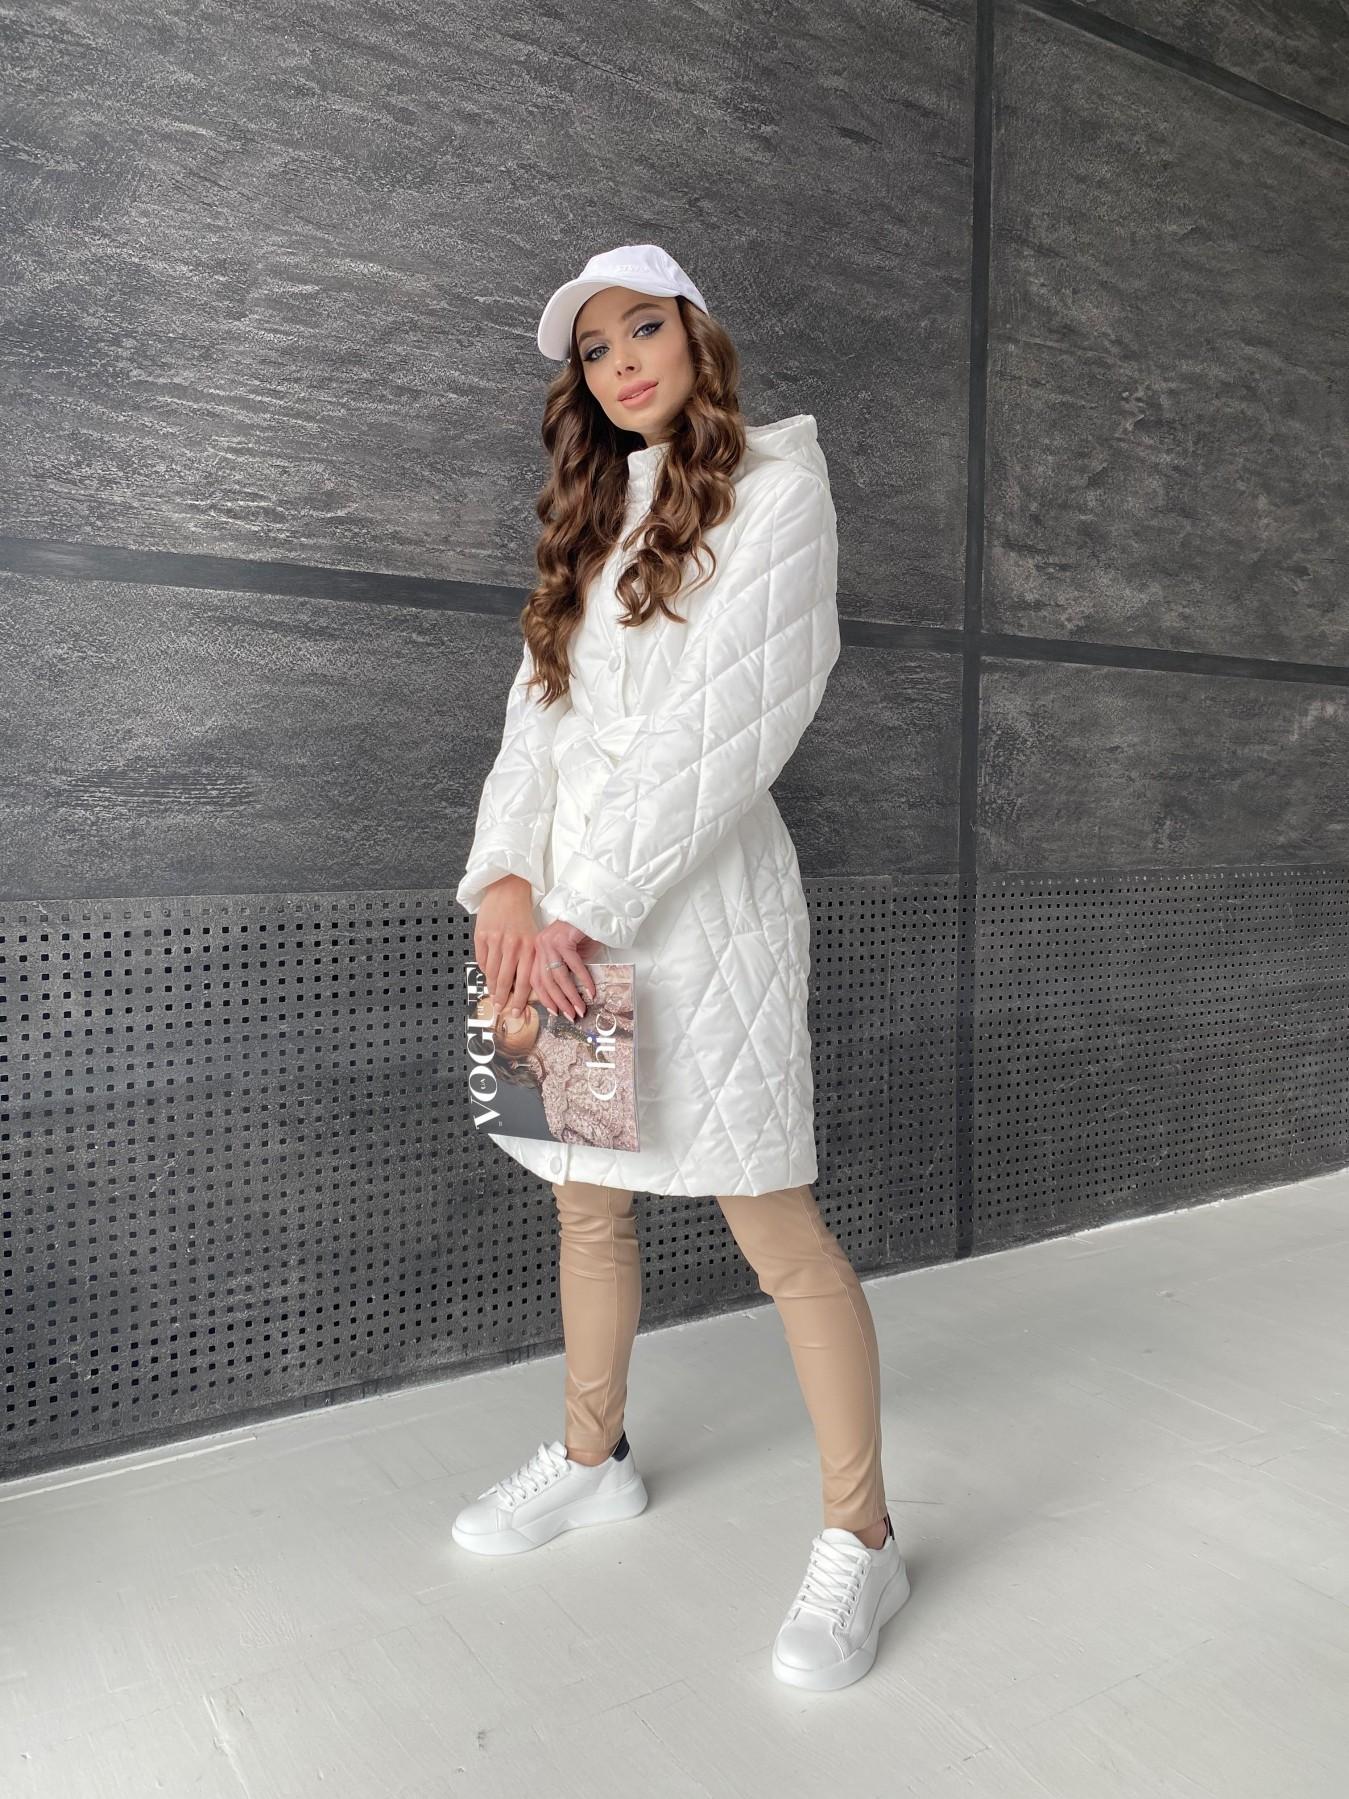 Виза стеганая куртка из плащевой ткани 11015 АРТ. 47516 Цвет: Молоко - фото 6, интернет магазин tm-modus.ru